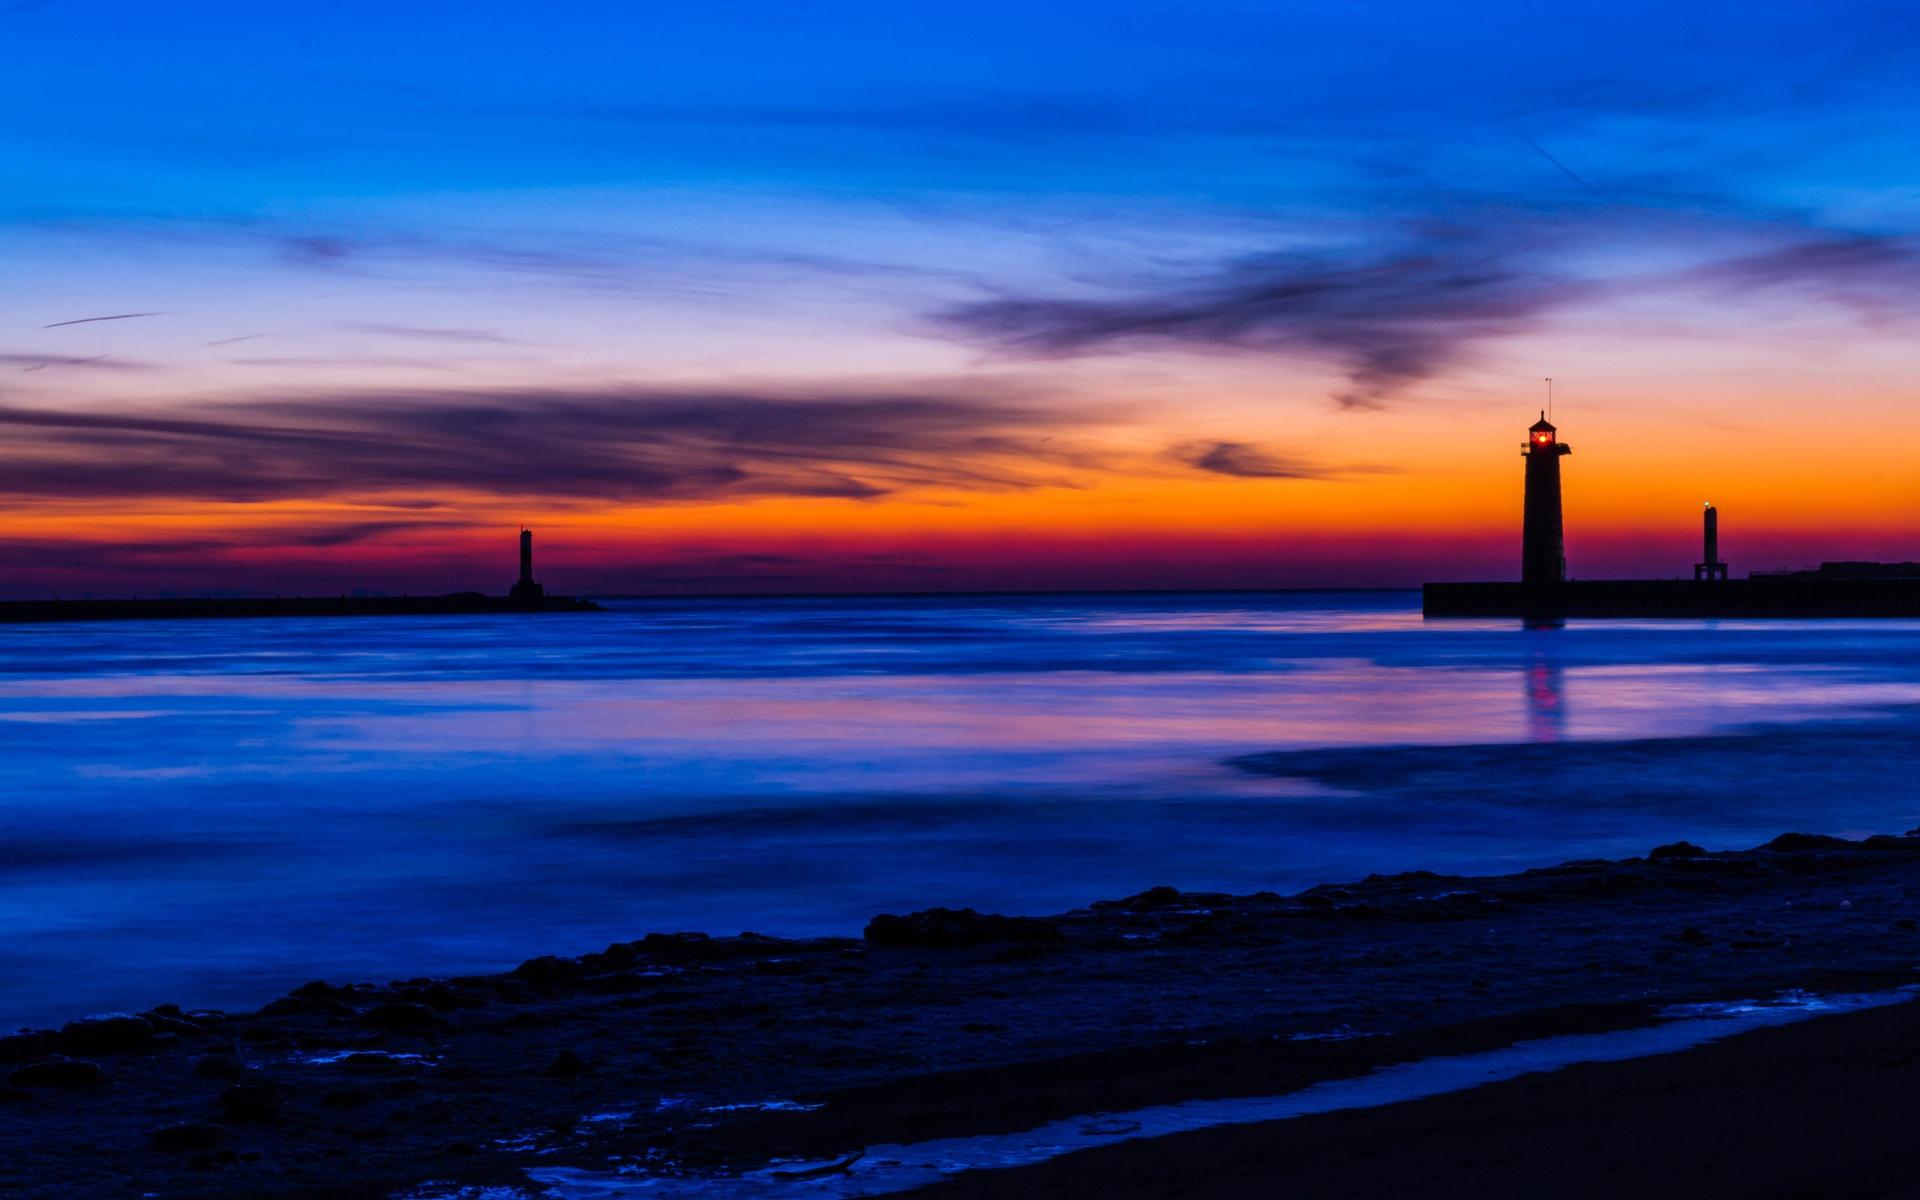 EUA, Michigan, mar, praia, farol, noite, céu azul e laranja, pôr do ...